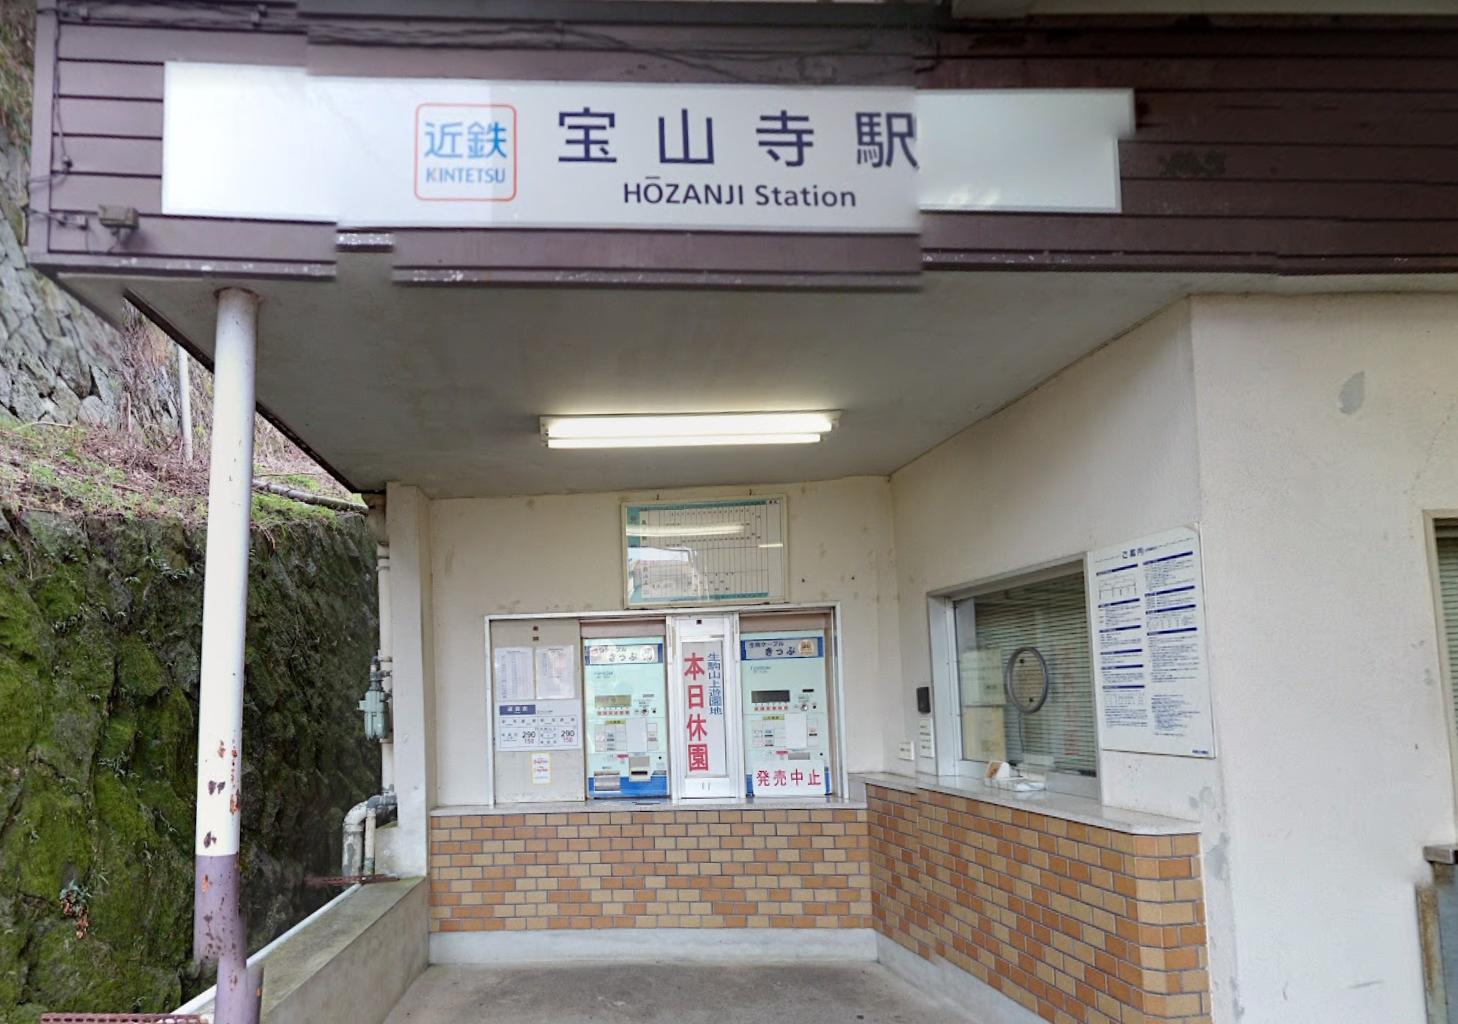 生駒新地 行き方